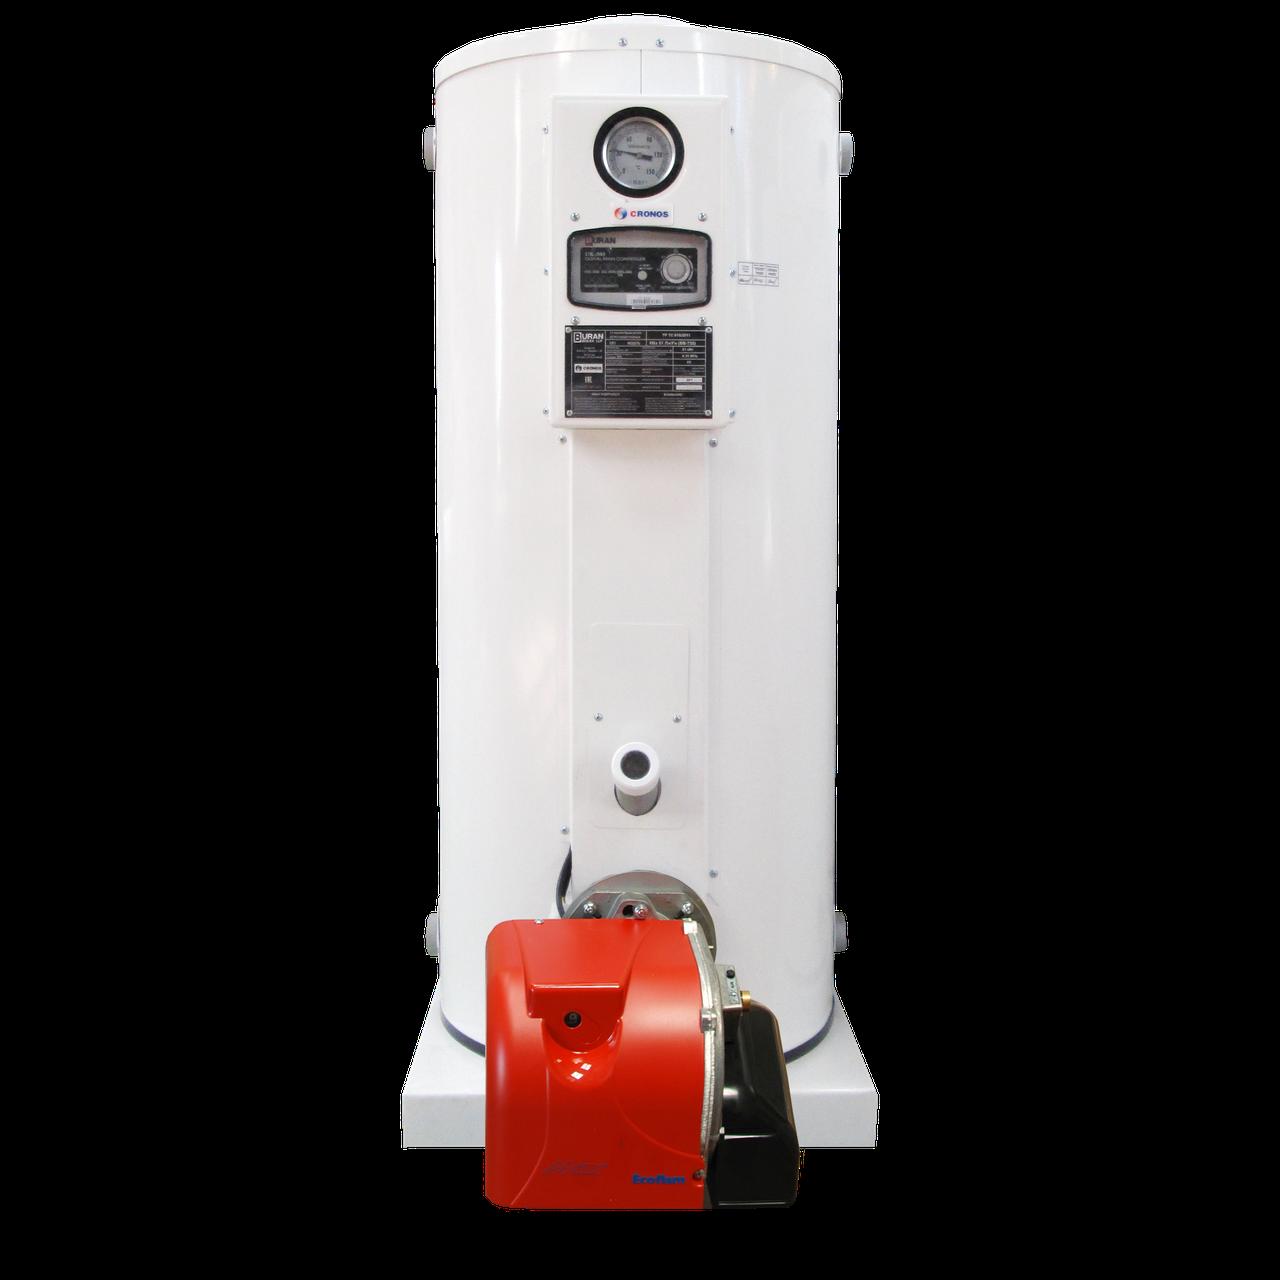 Котёл Cronos BB-735 (81 кВт) для отопления и ГВС на жидком топливе в комплекте с горелкой (Южная Корея)